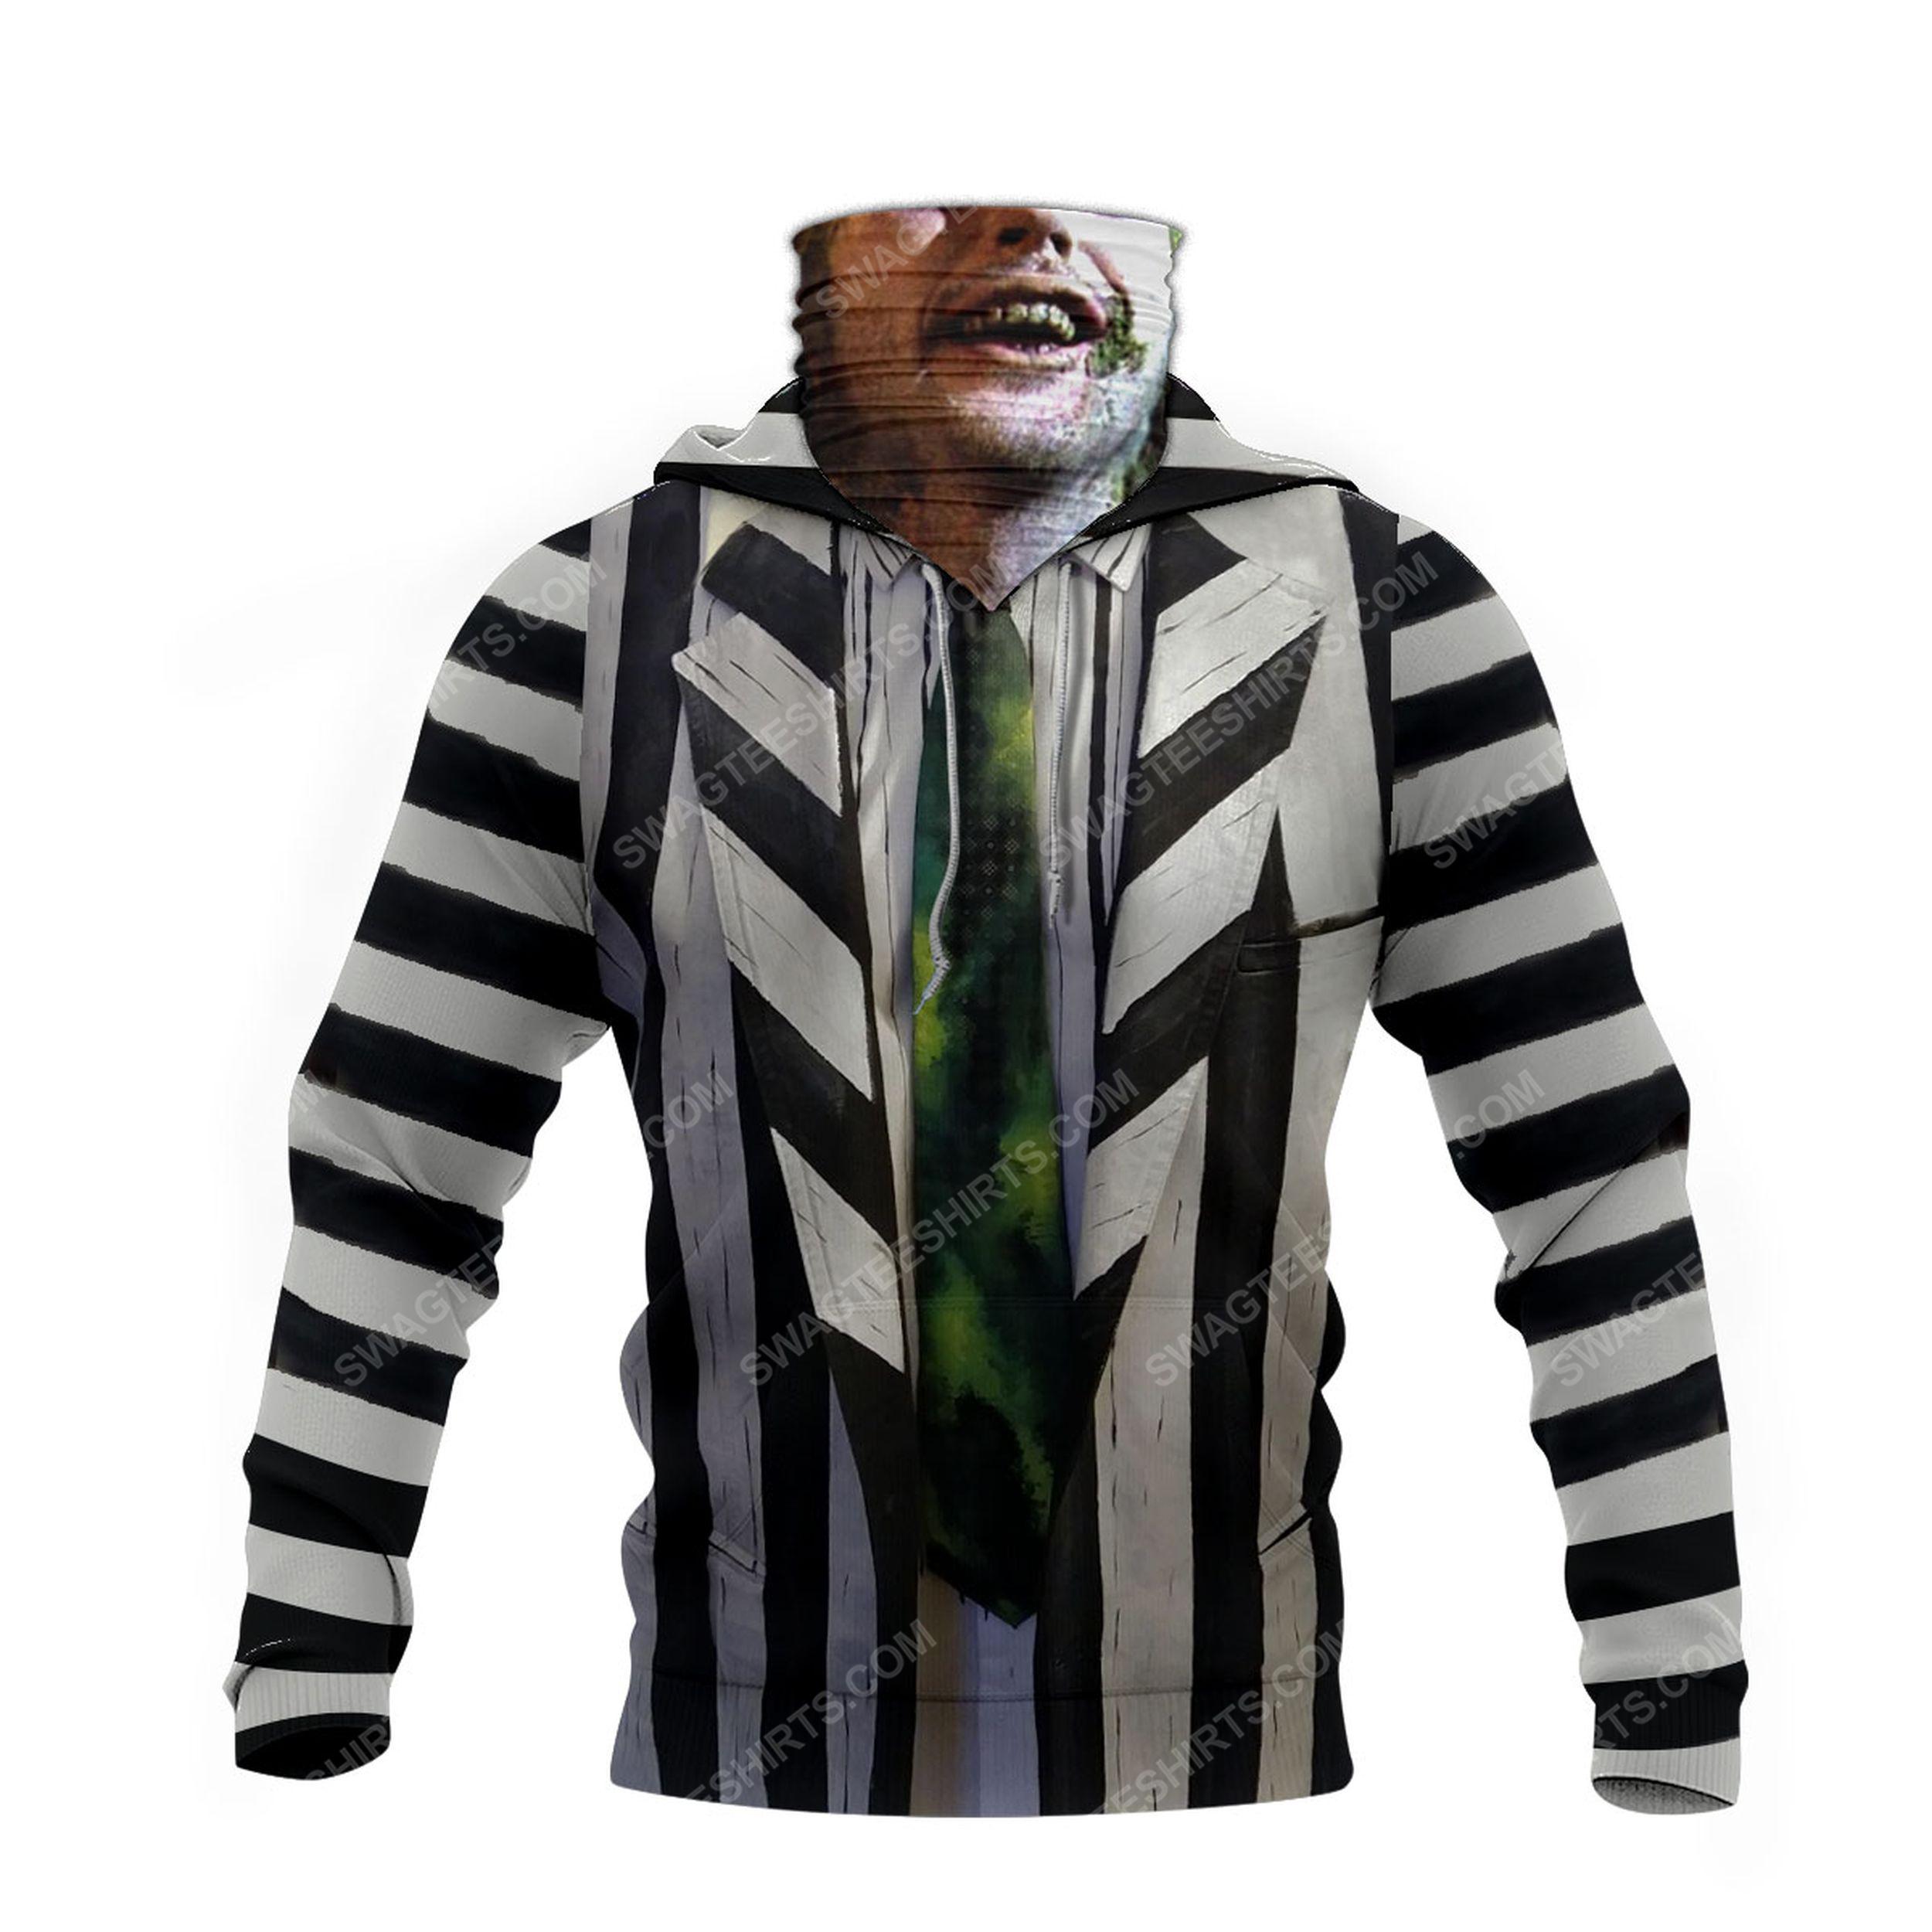 Horror movie beetlejuice for halloween full print mask hoodie 4(1)